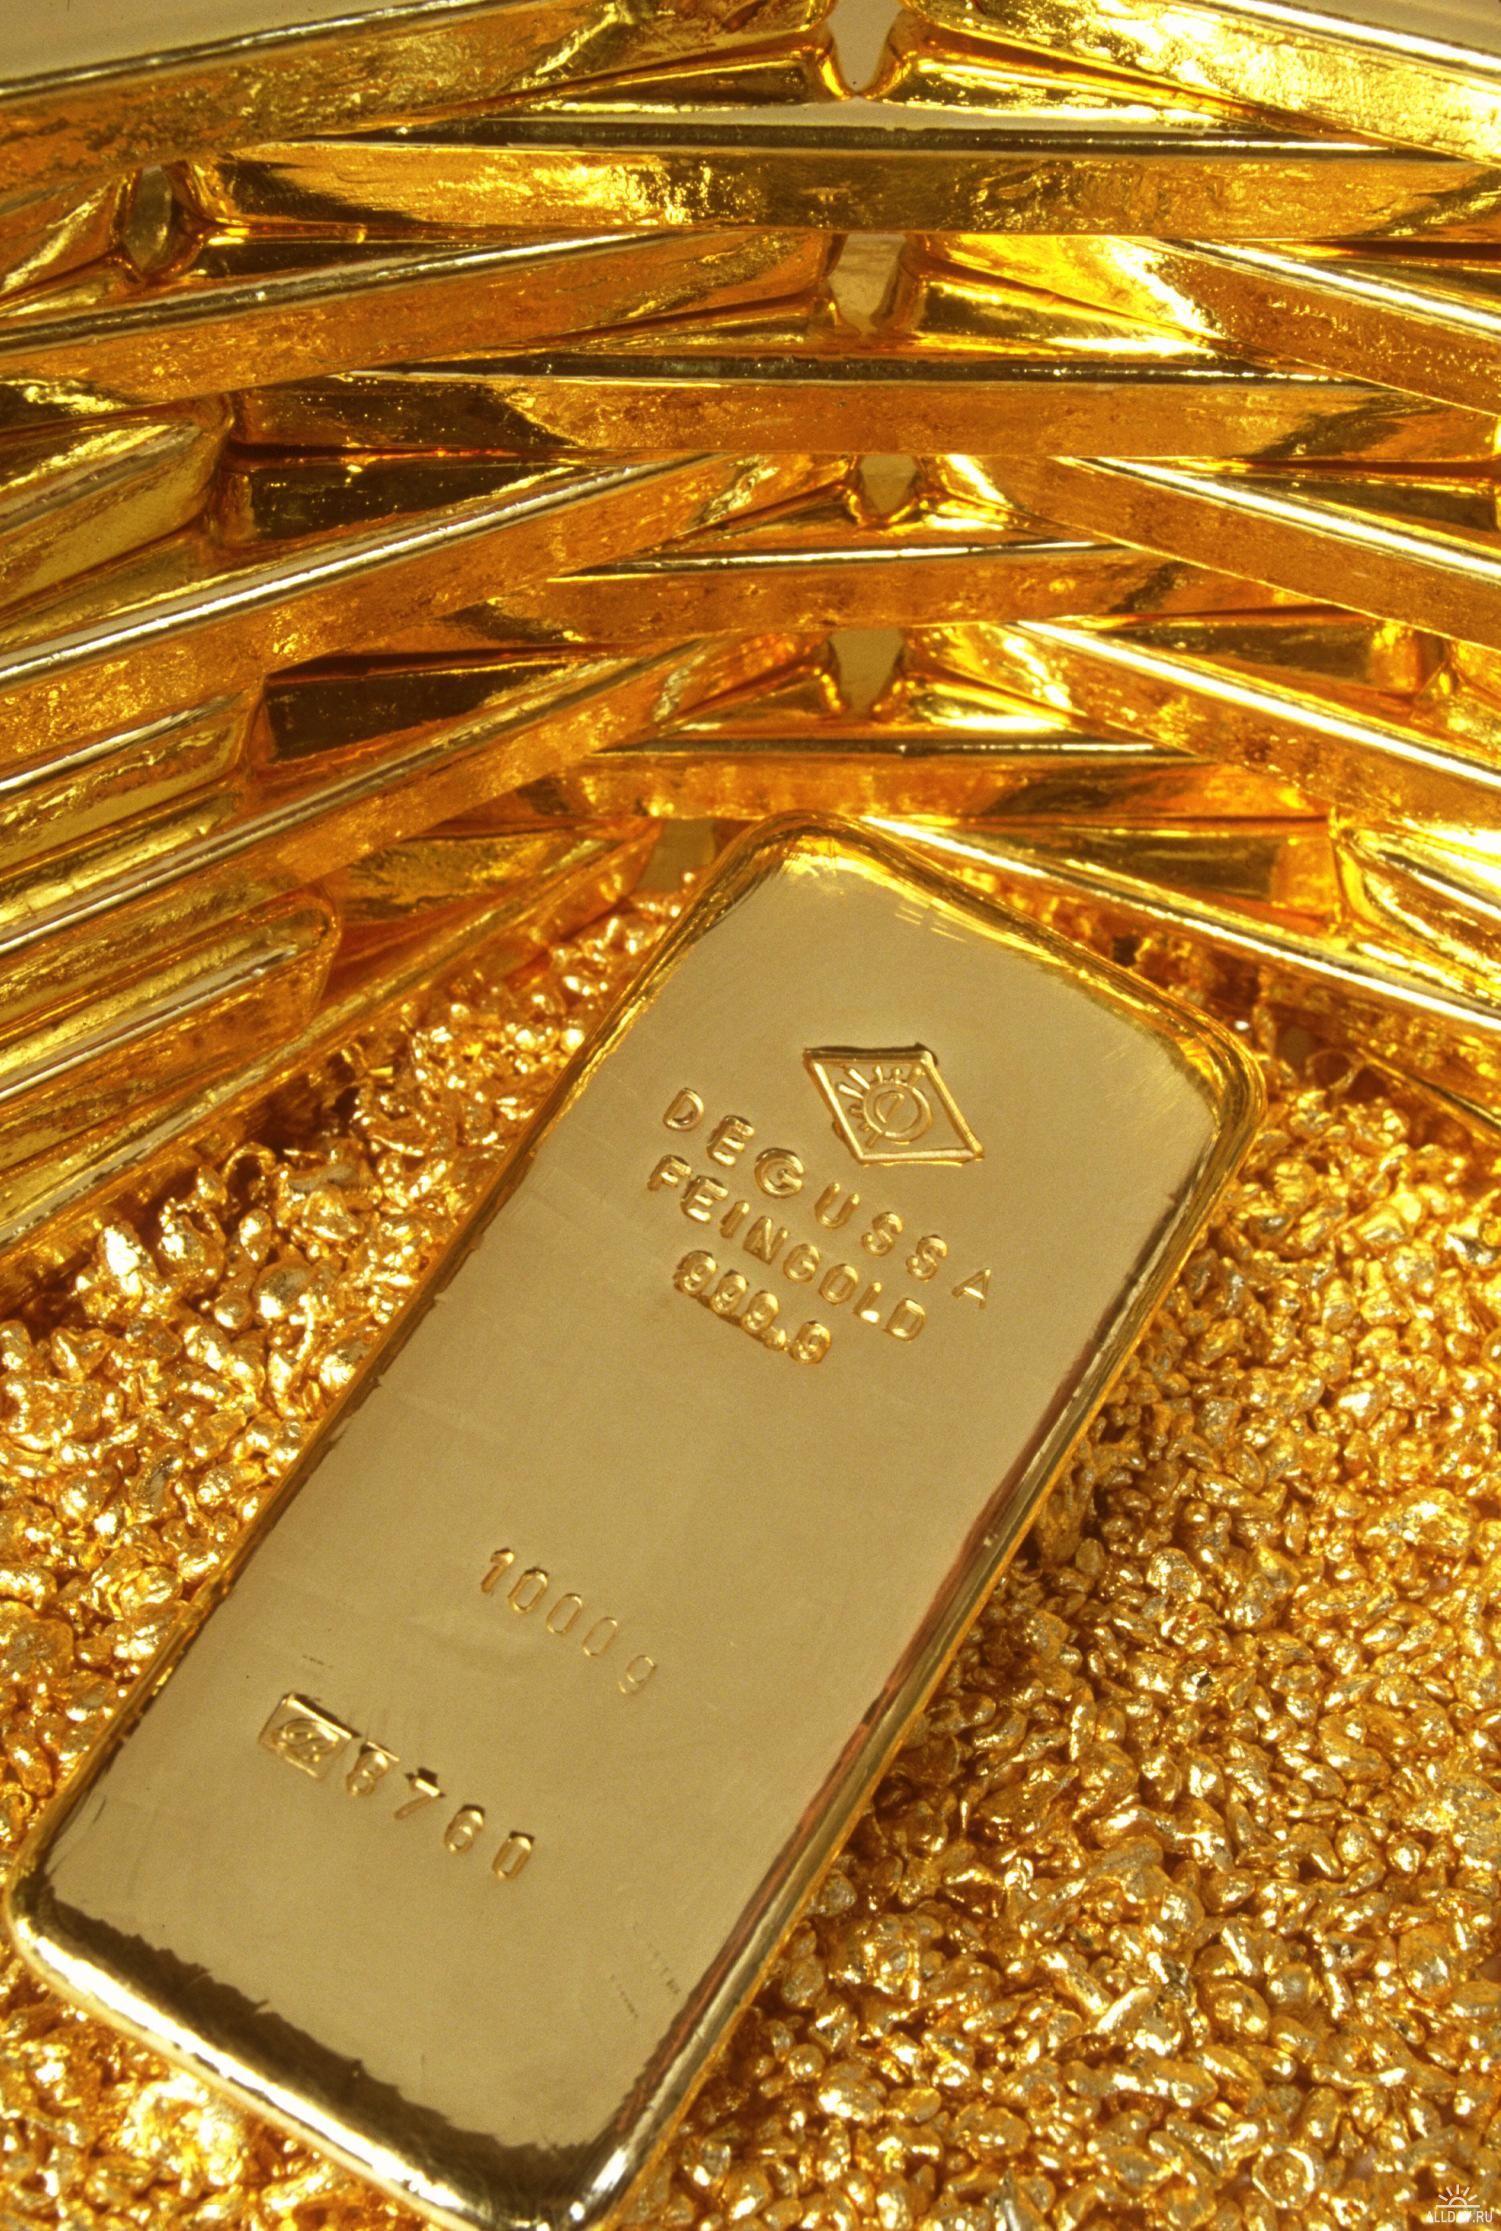 I Ll Take One Lingotes De Oro Monedas De Oro Oro Puro